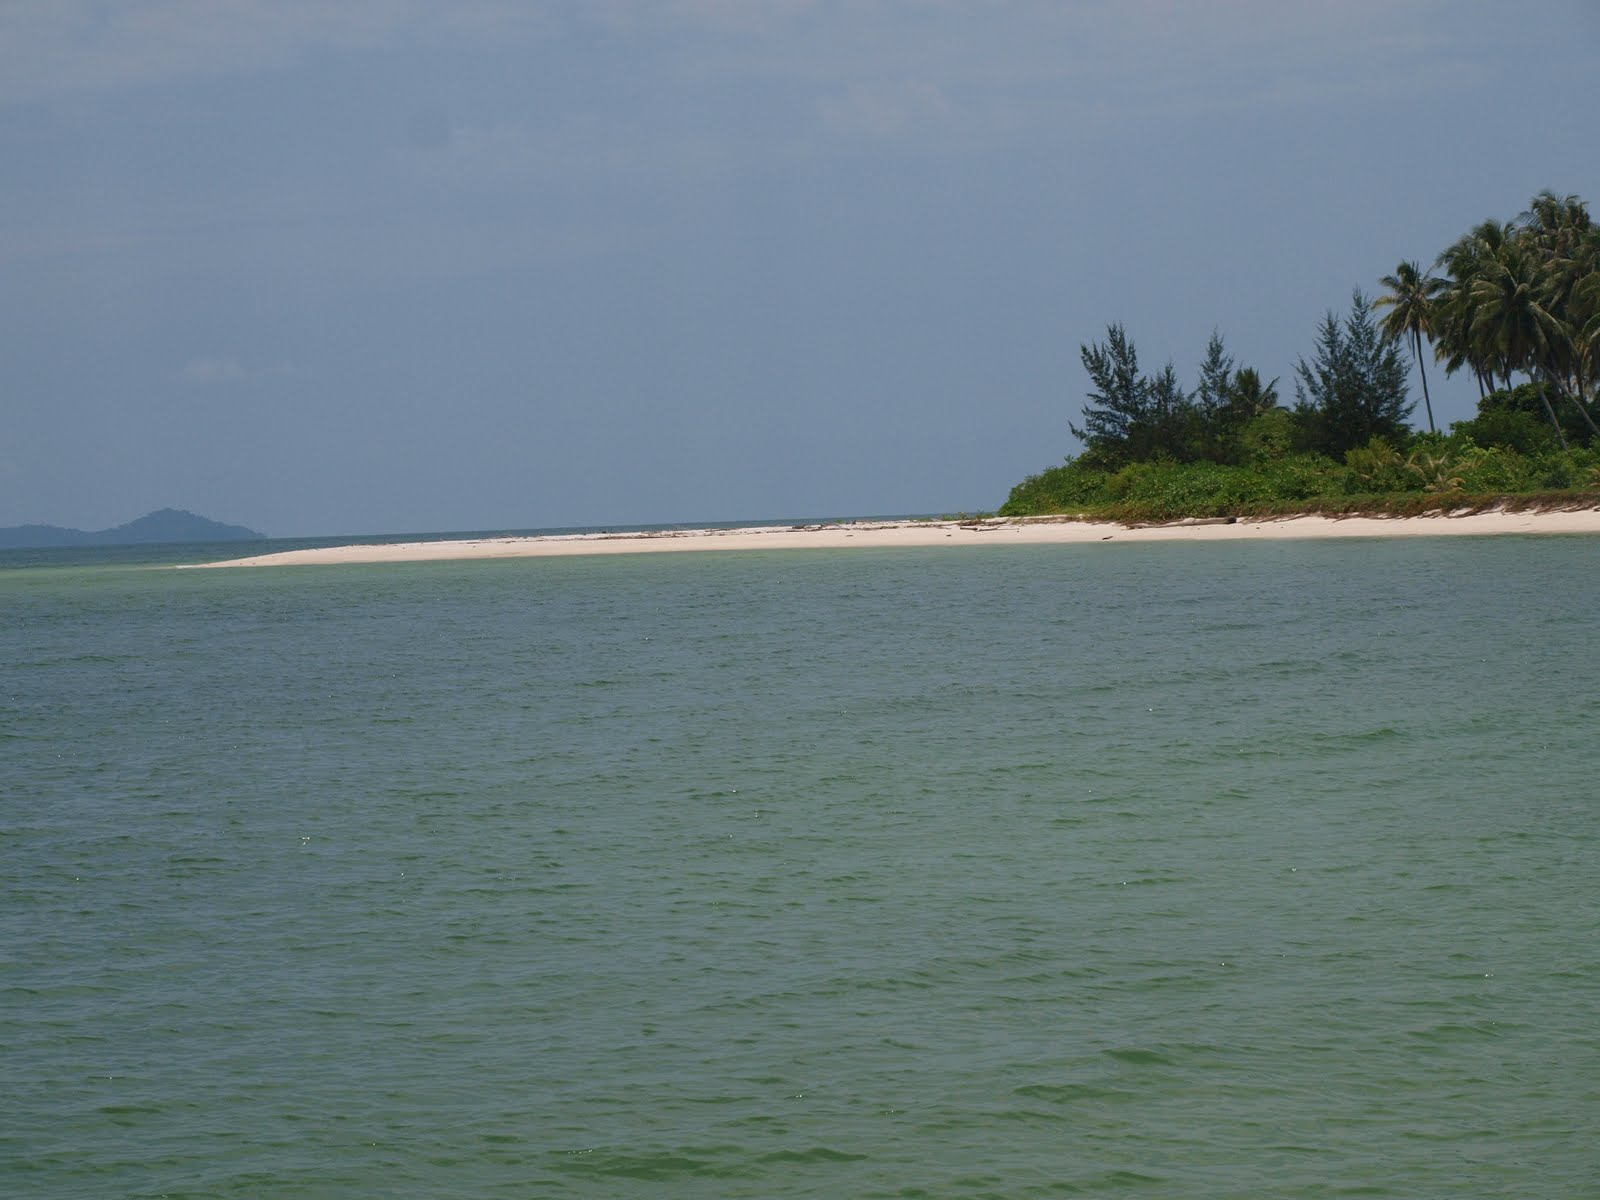 Pulau Serak 8 Dabo Singkep Kabupaten Lingga Kepulauan Riau